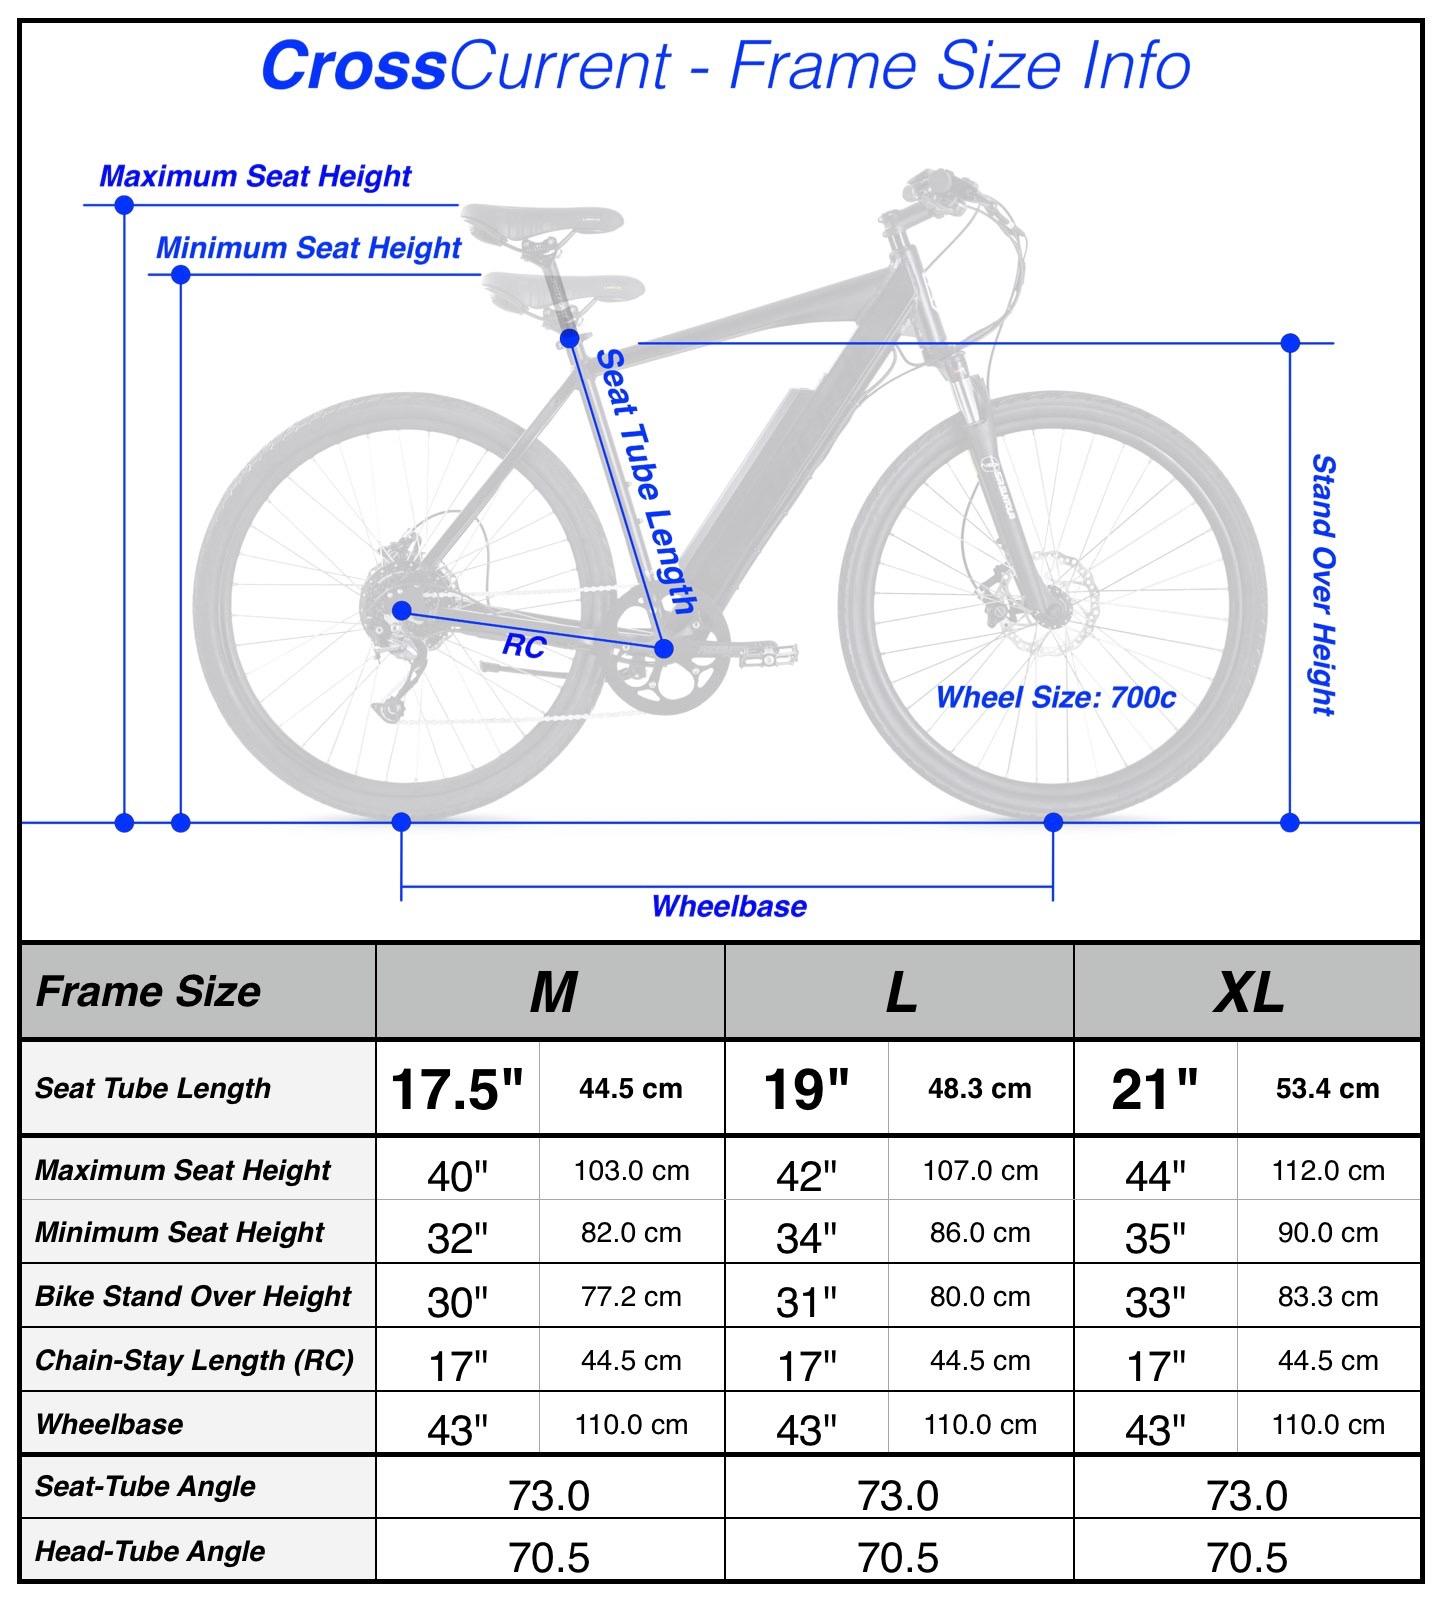 crosscurrent1-1geometry-export-.jpeg